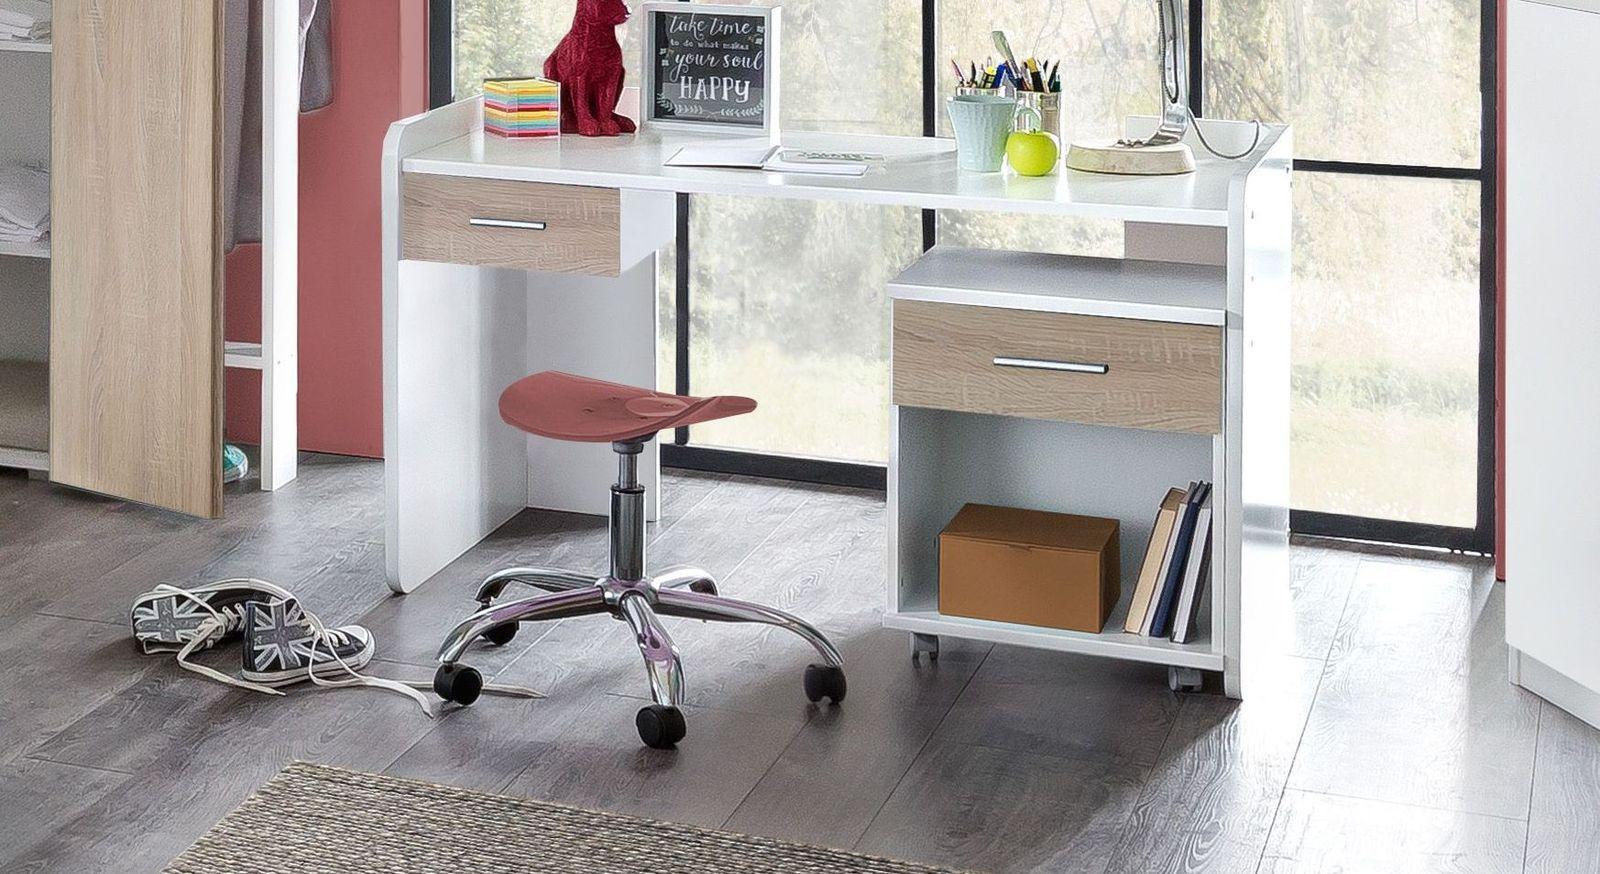 Höhenverstellbarer Schreibtisch Solero mit praktischer Schublade